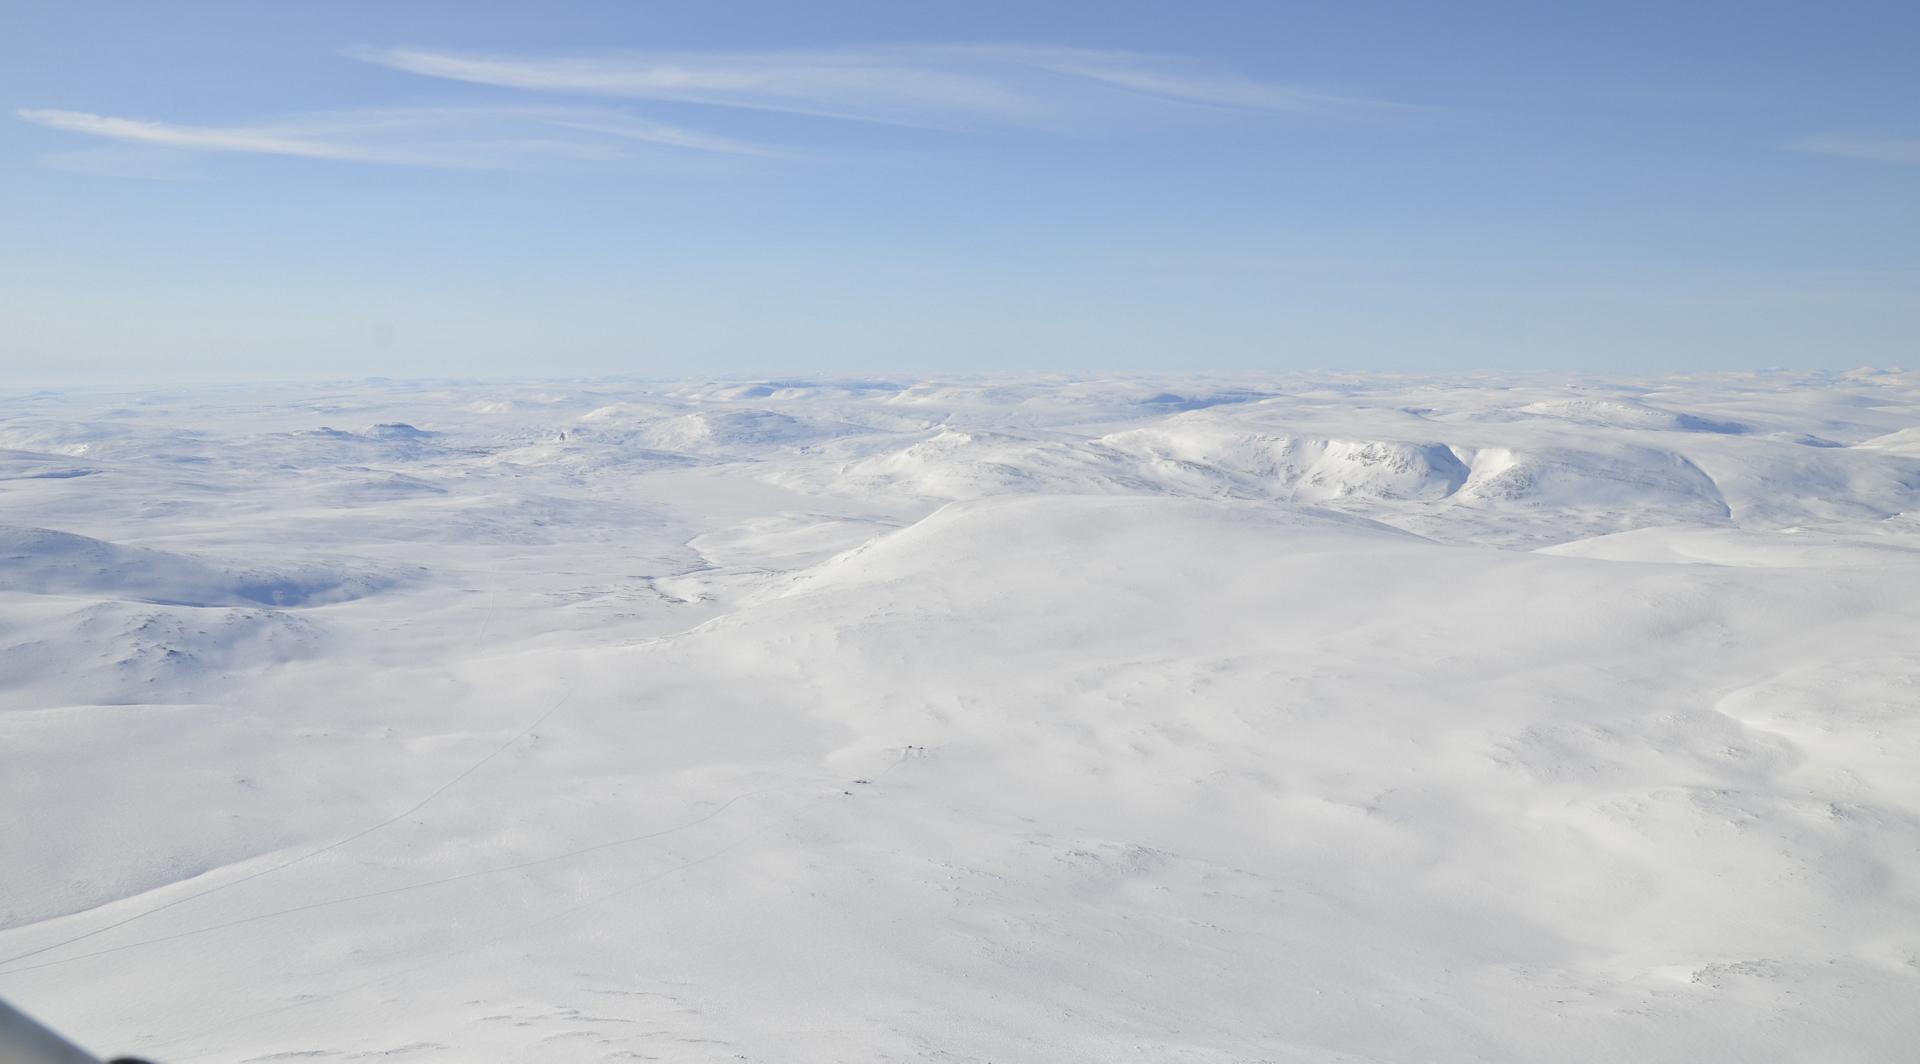 Seuraavaksi lento paluureitin suuntaan tuonne Pitsusjärvelle Rautuja onkimaan.